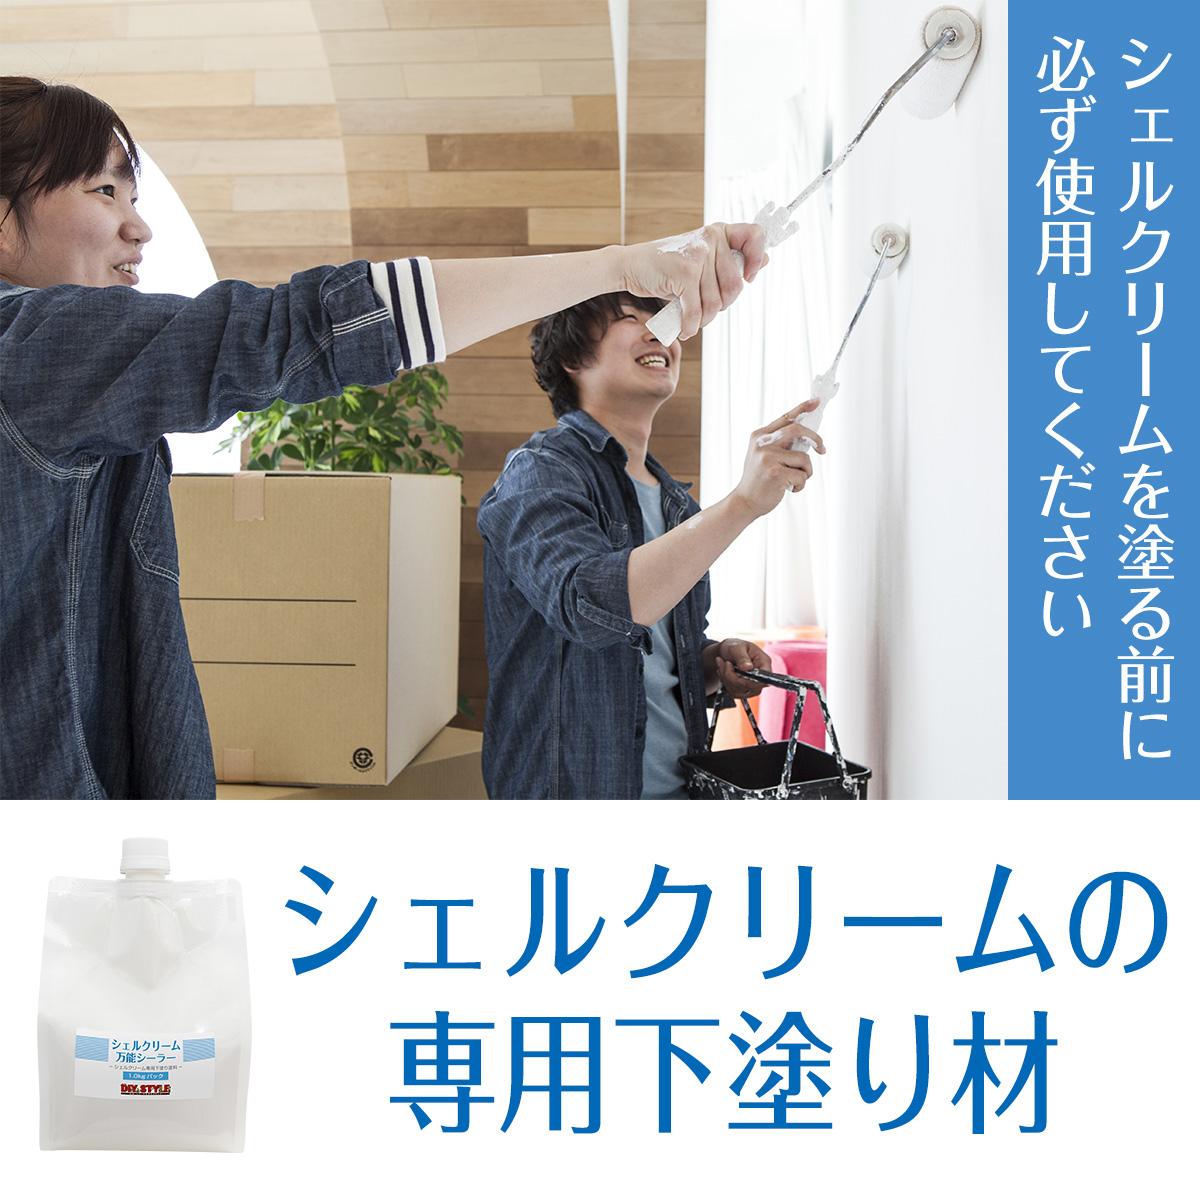 シェルクリームを塗る前に必ず使用してください シェルクリームの専用下塗り材